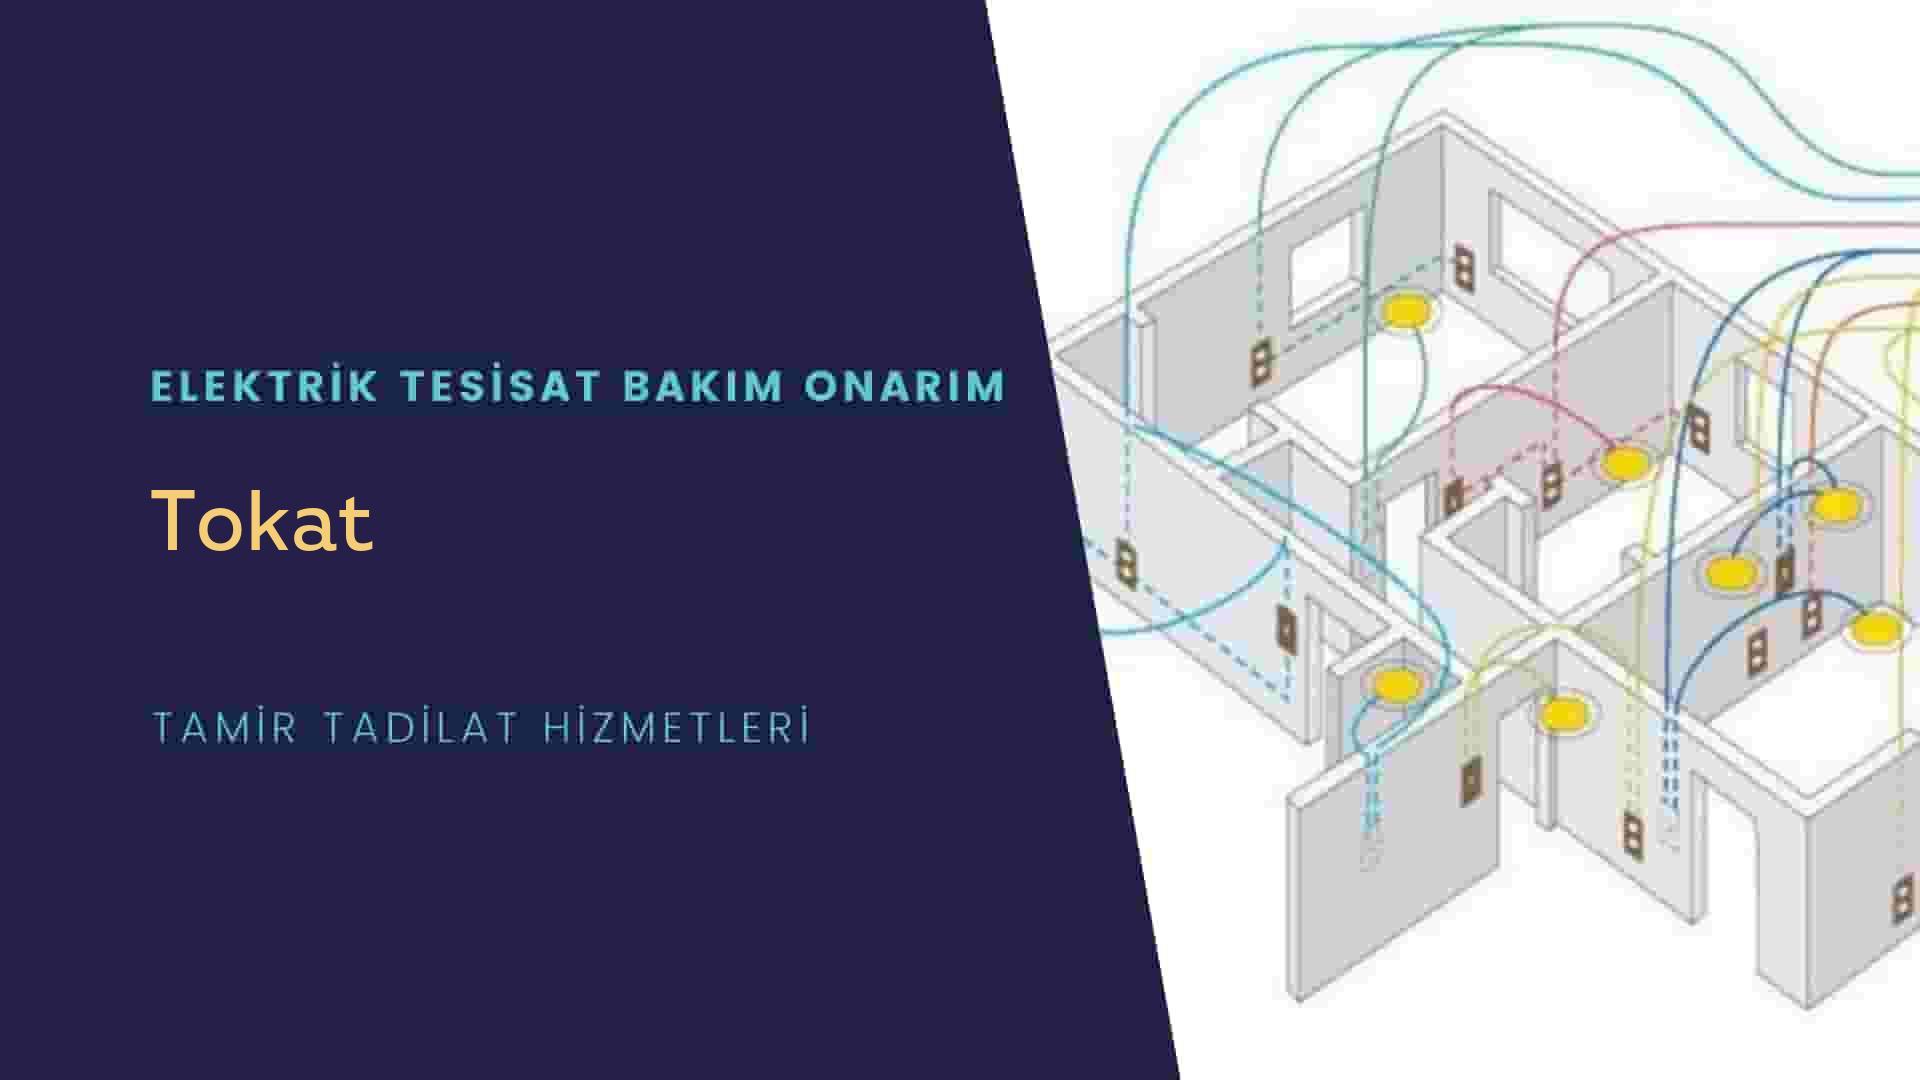 Tokat'ta elektrik tesisatıustalarımı arıyorsunuz doğru adrestenizi Tokat elektrik tesisatı ustalarımız 7/24 sizlere hizmet vermekten mutluluk duyar.